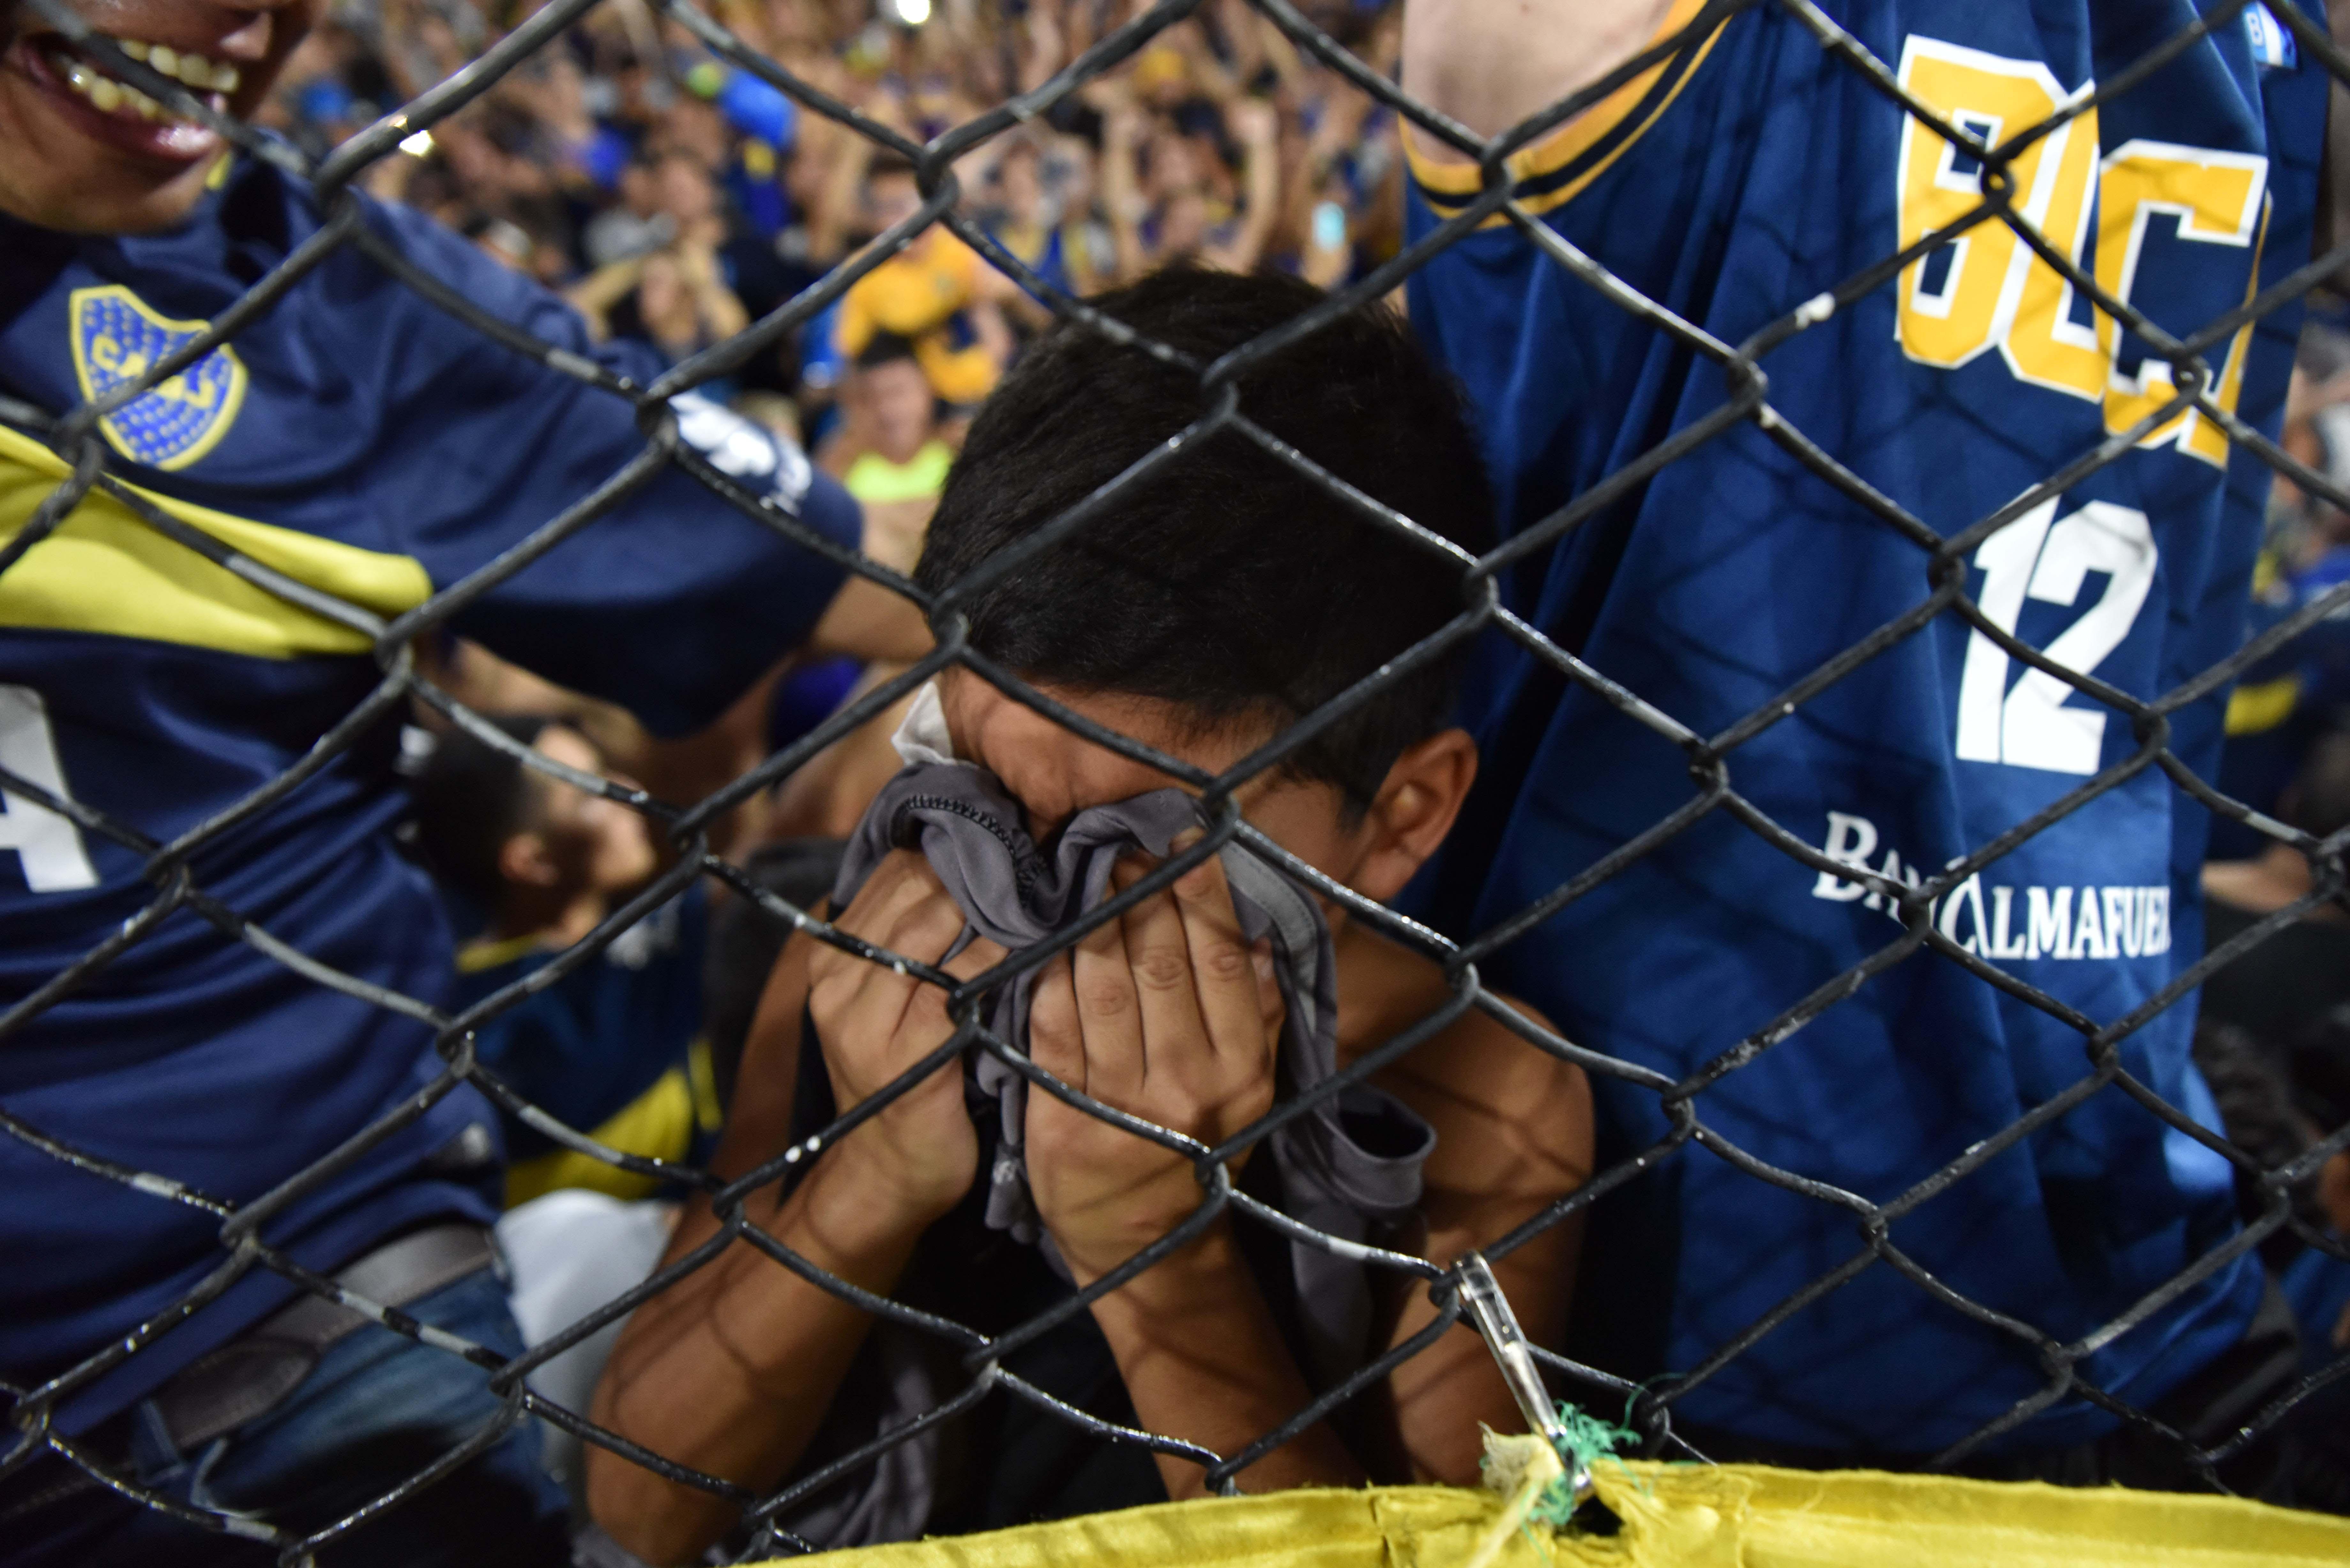 La emoción de los hinchas (Foto: Franco Fafasuli)